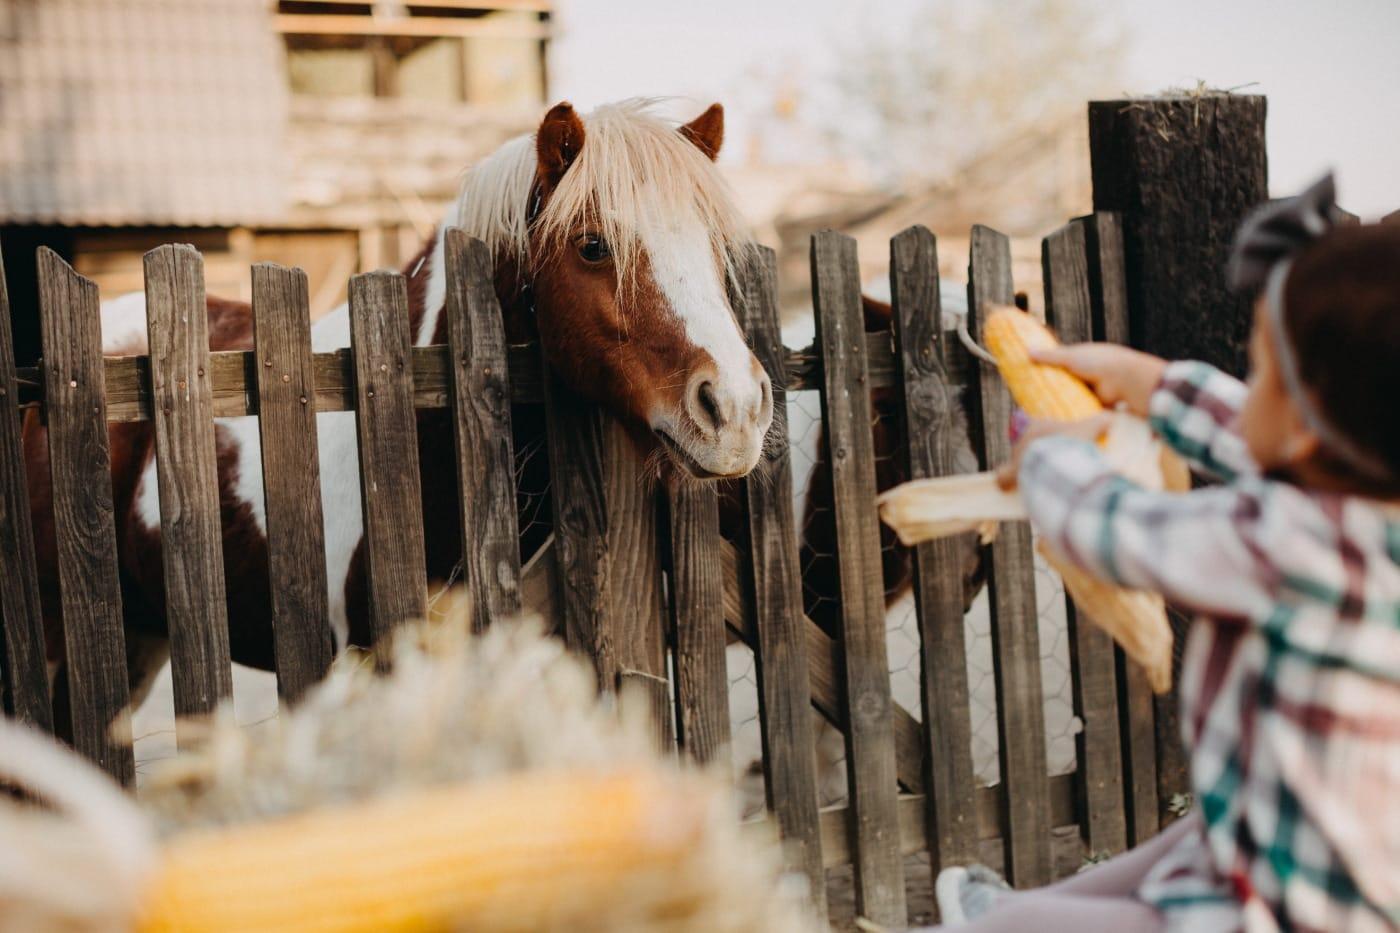 poni, konj, selo, zelenilo, ograda, hranjenje, dijete, kukuruz, hranjenje, hranjenje